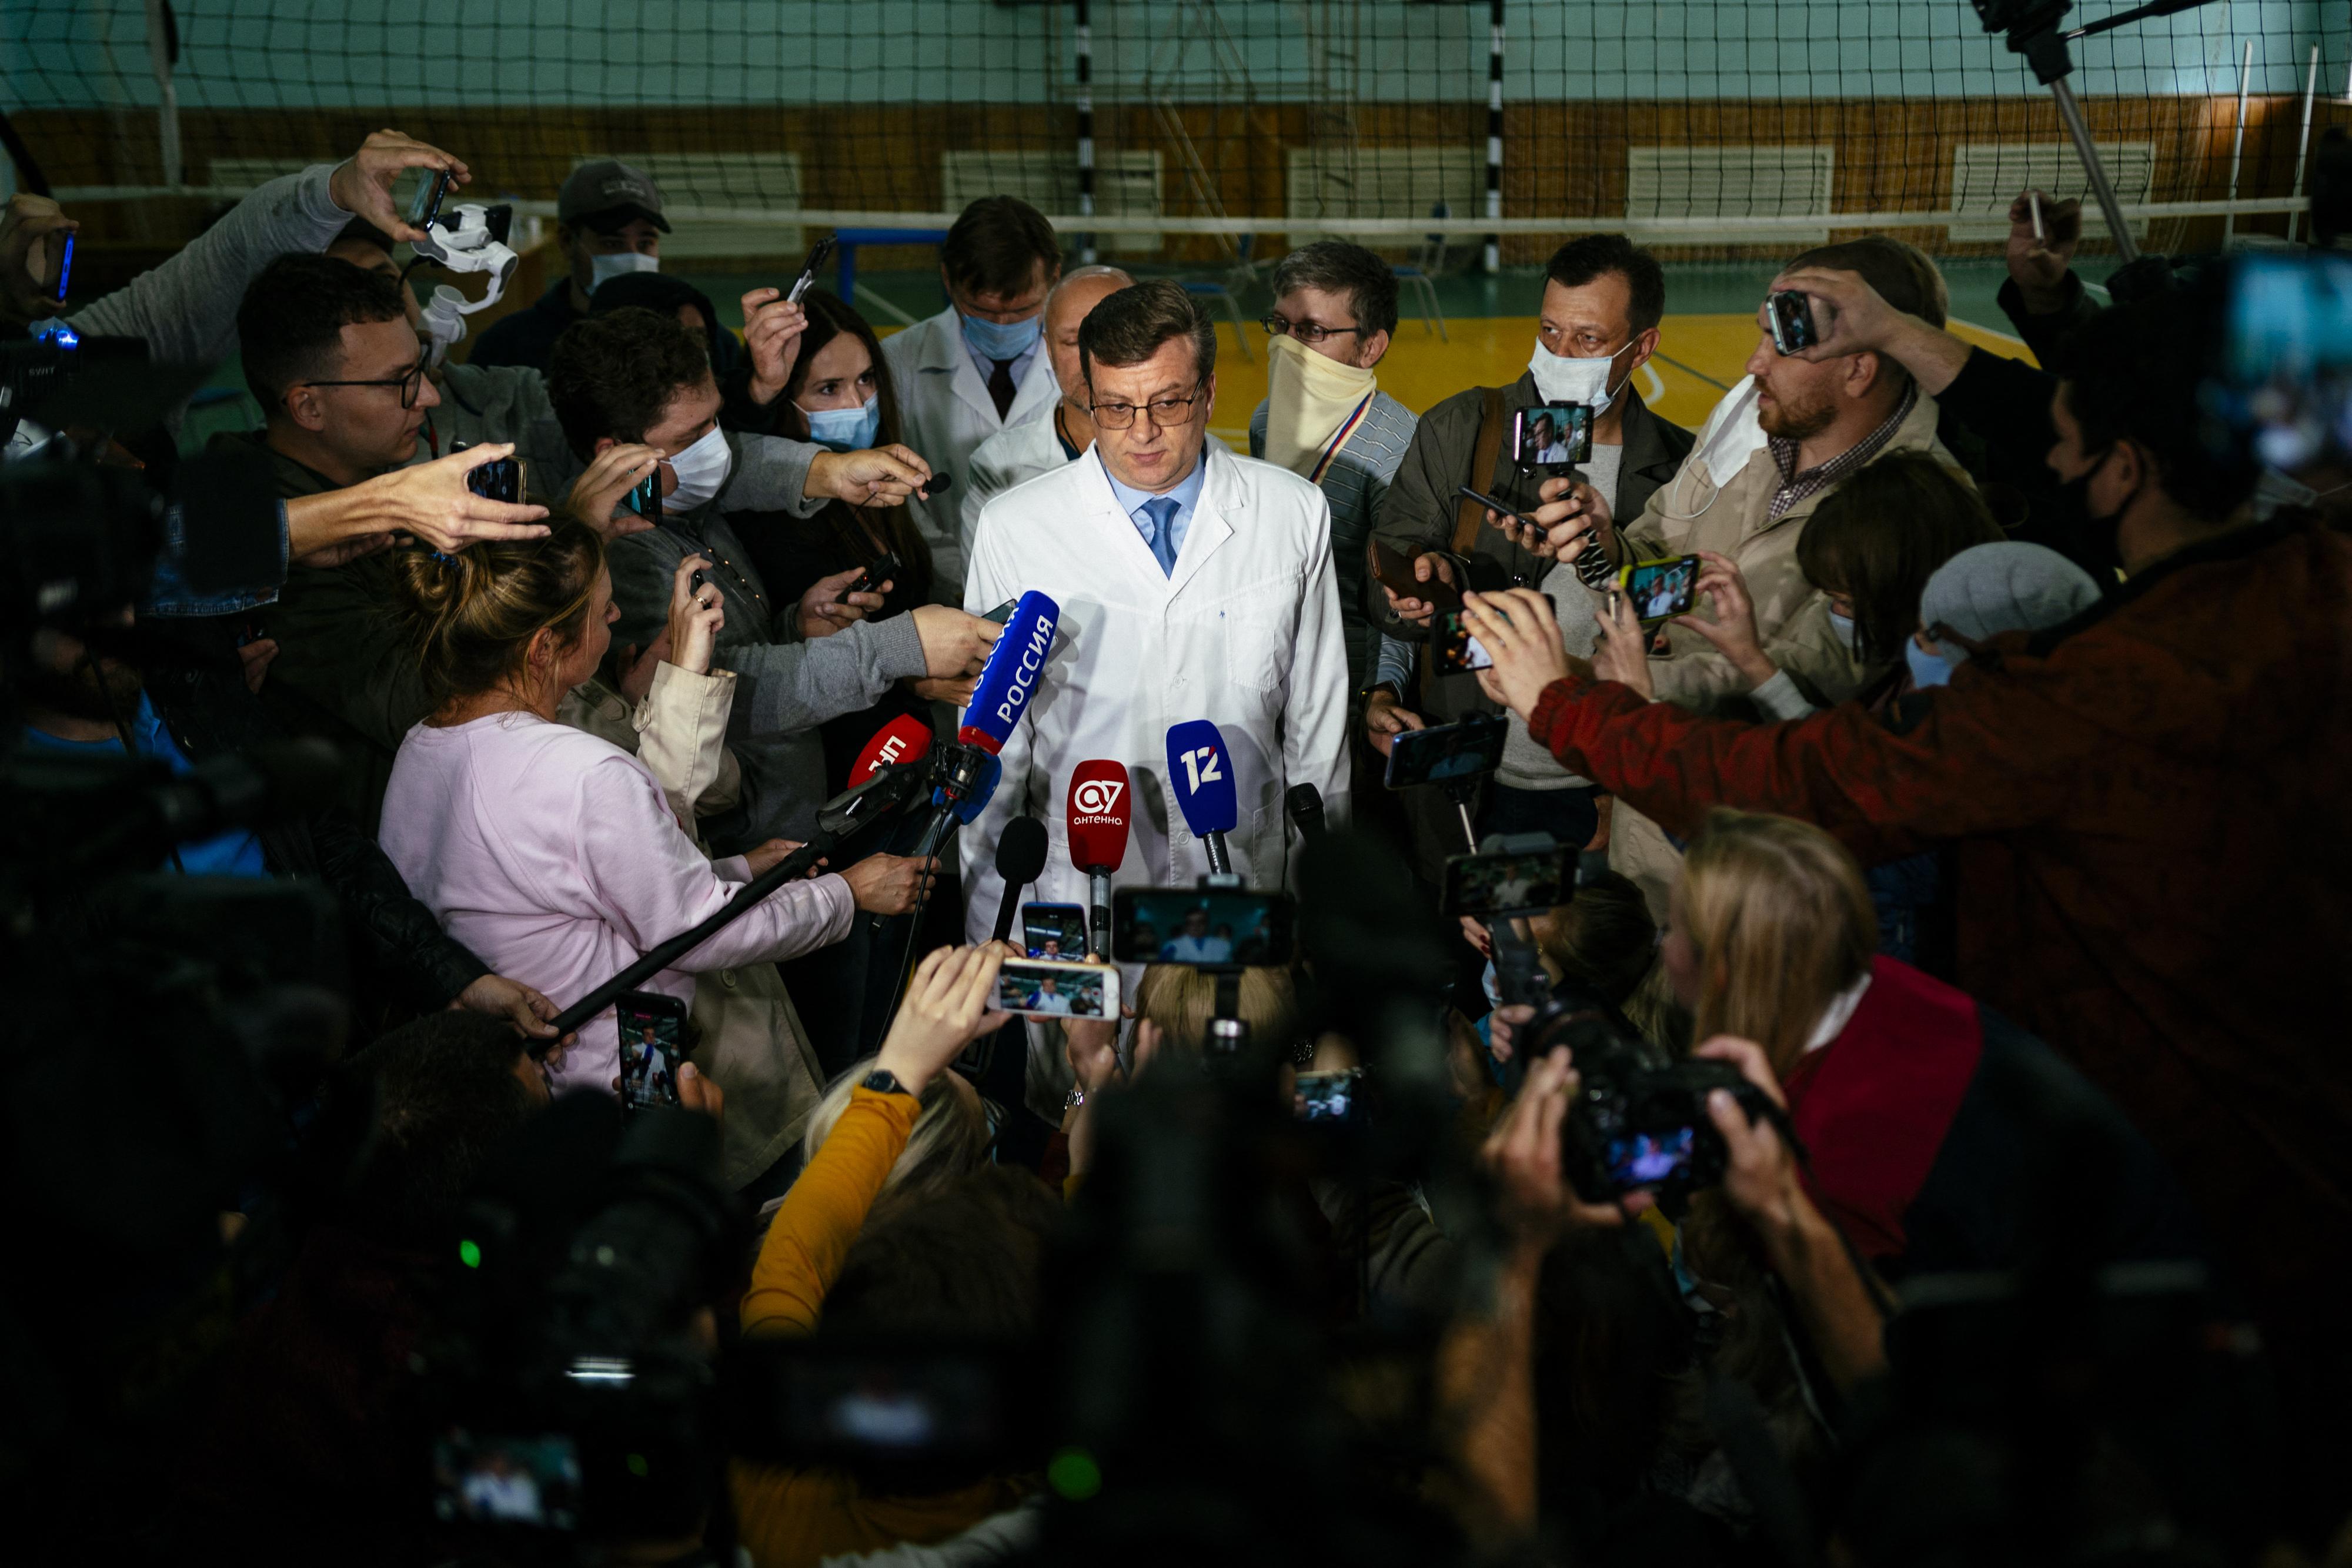 Eltűnt az orvos, aki Navalnijt kezelte mérgezése után